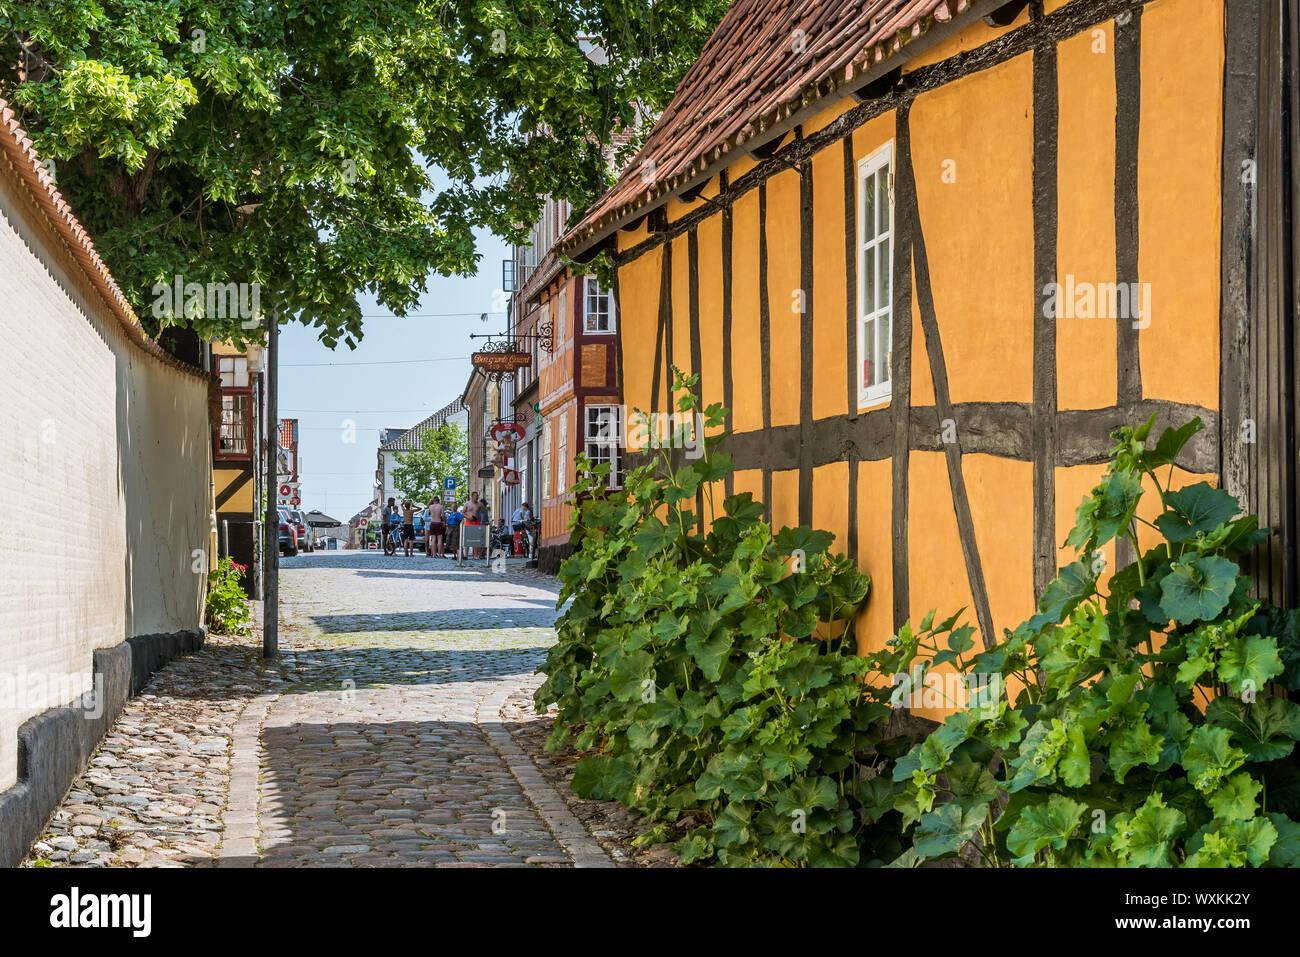 Un idyllique jaune maison à colombages avec green roses trémières, lors d'une ruelle dans le centre historique de Middelfart, Danemark, le 12 juillet 2019 Banque D'Images